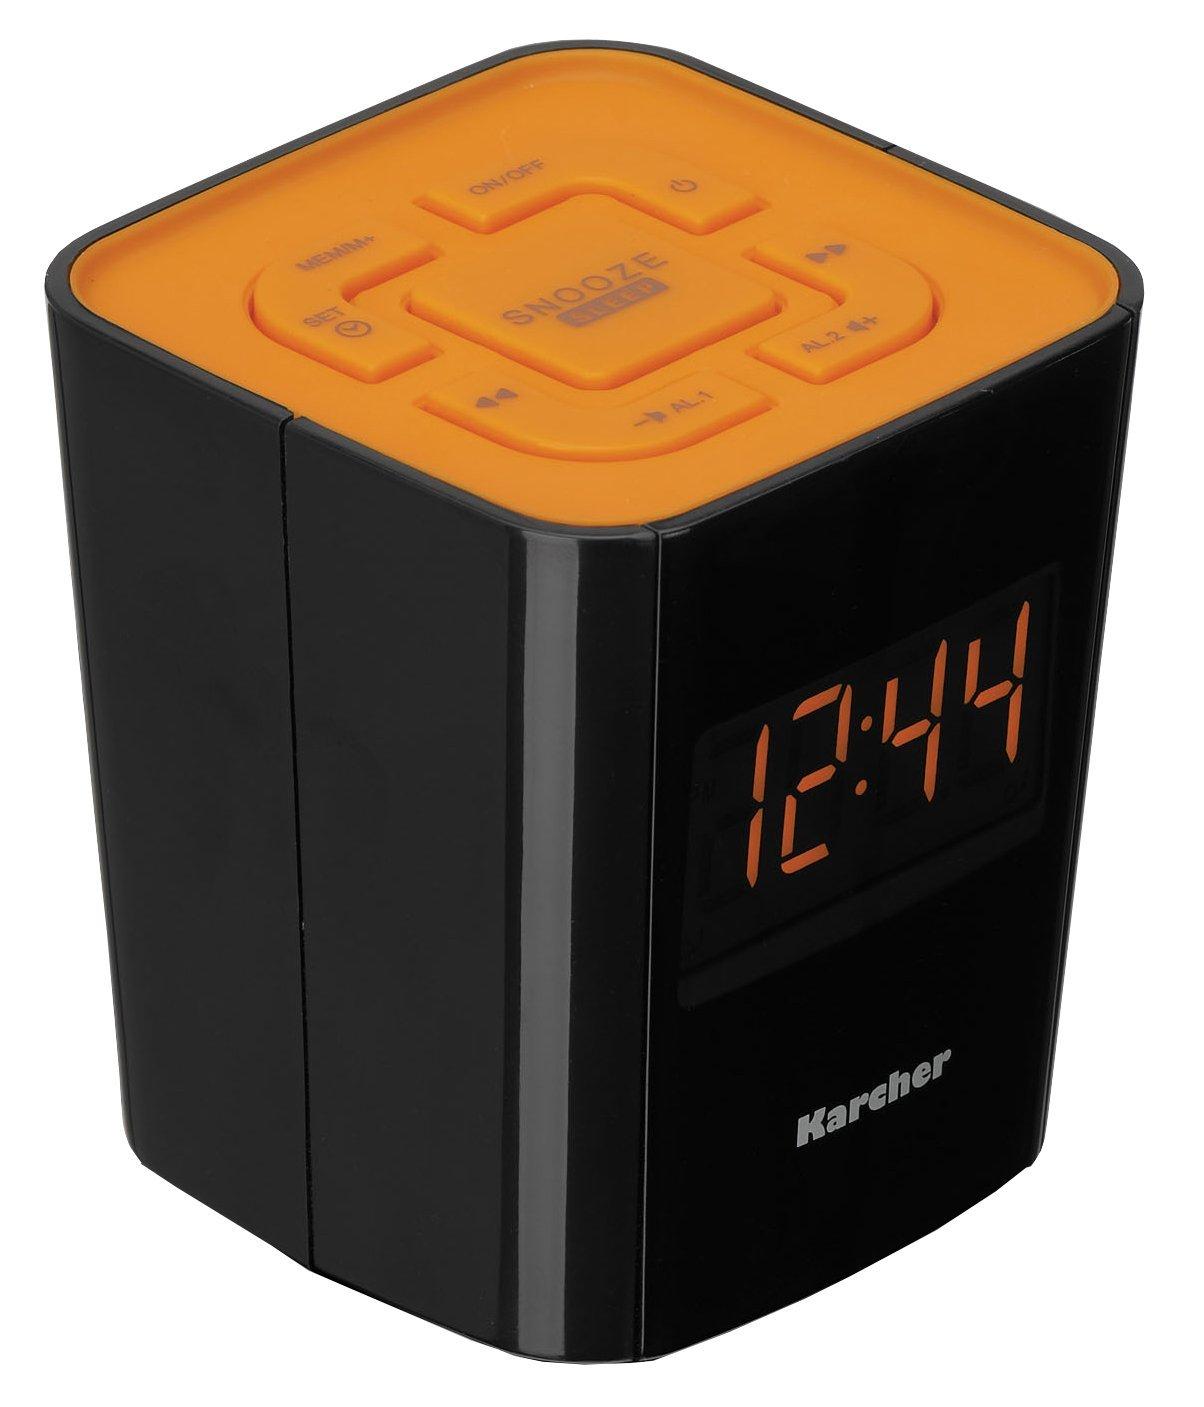 Wird spät heute: Karcher Radiowecker für 9€ inkl. Versand bei Digitalo